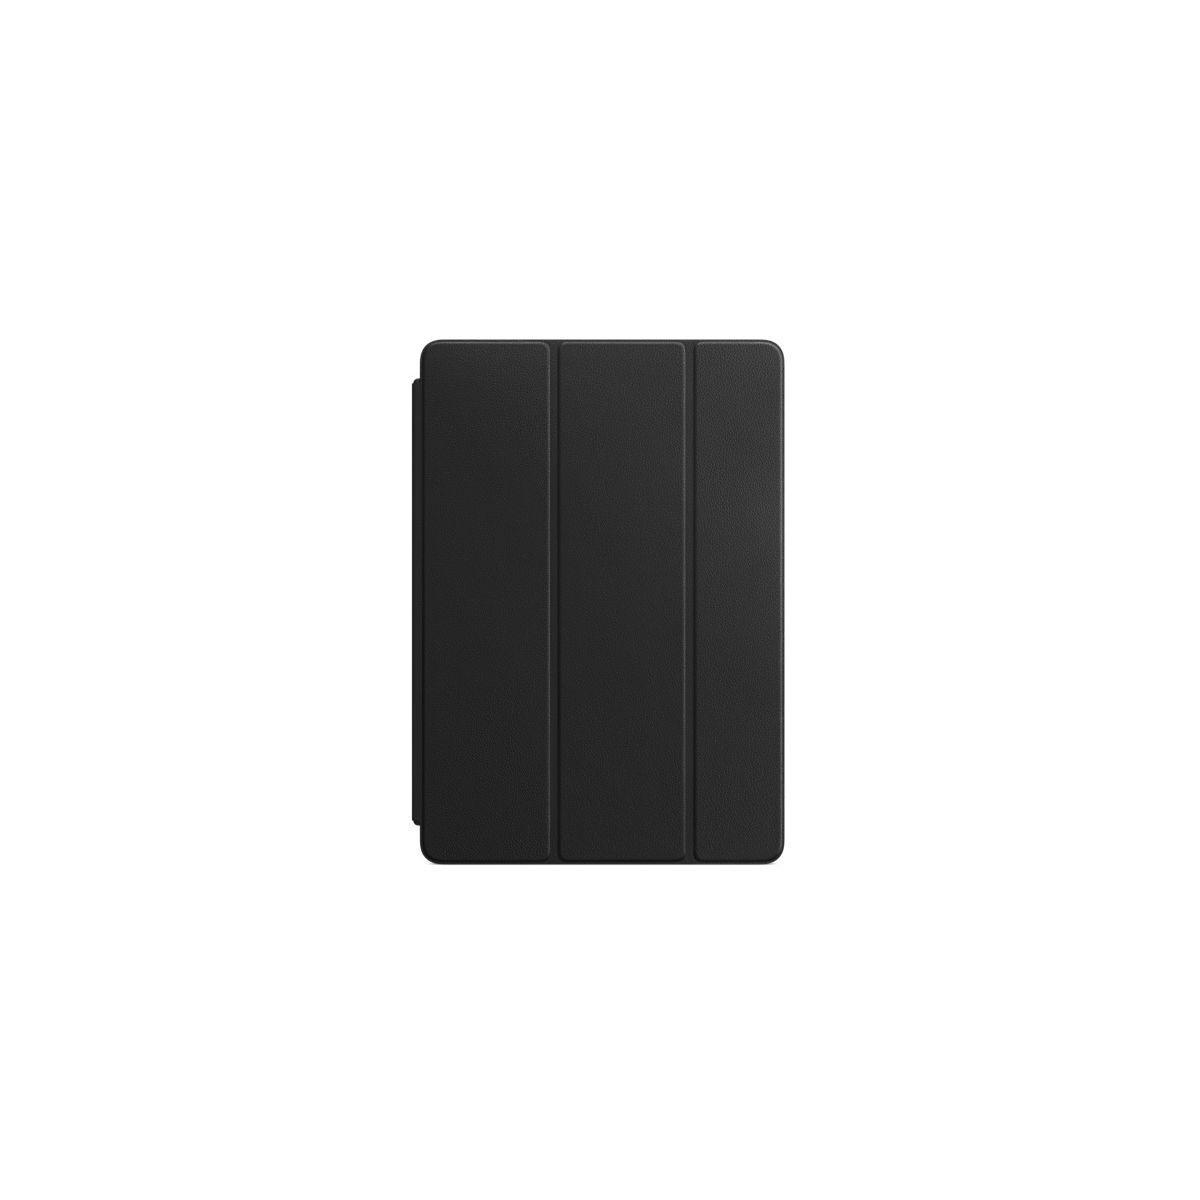 Etui tablette apple smart cover ipad pro 10.5 cuir noir - livraison offerte : code liv (photo)